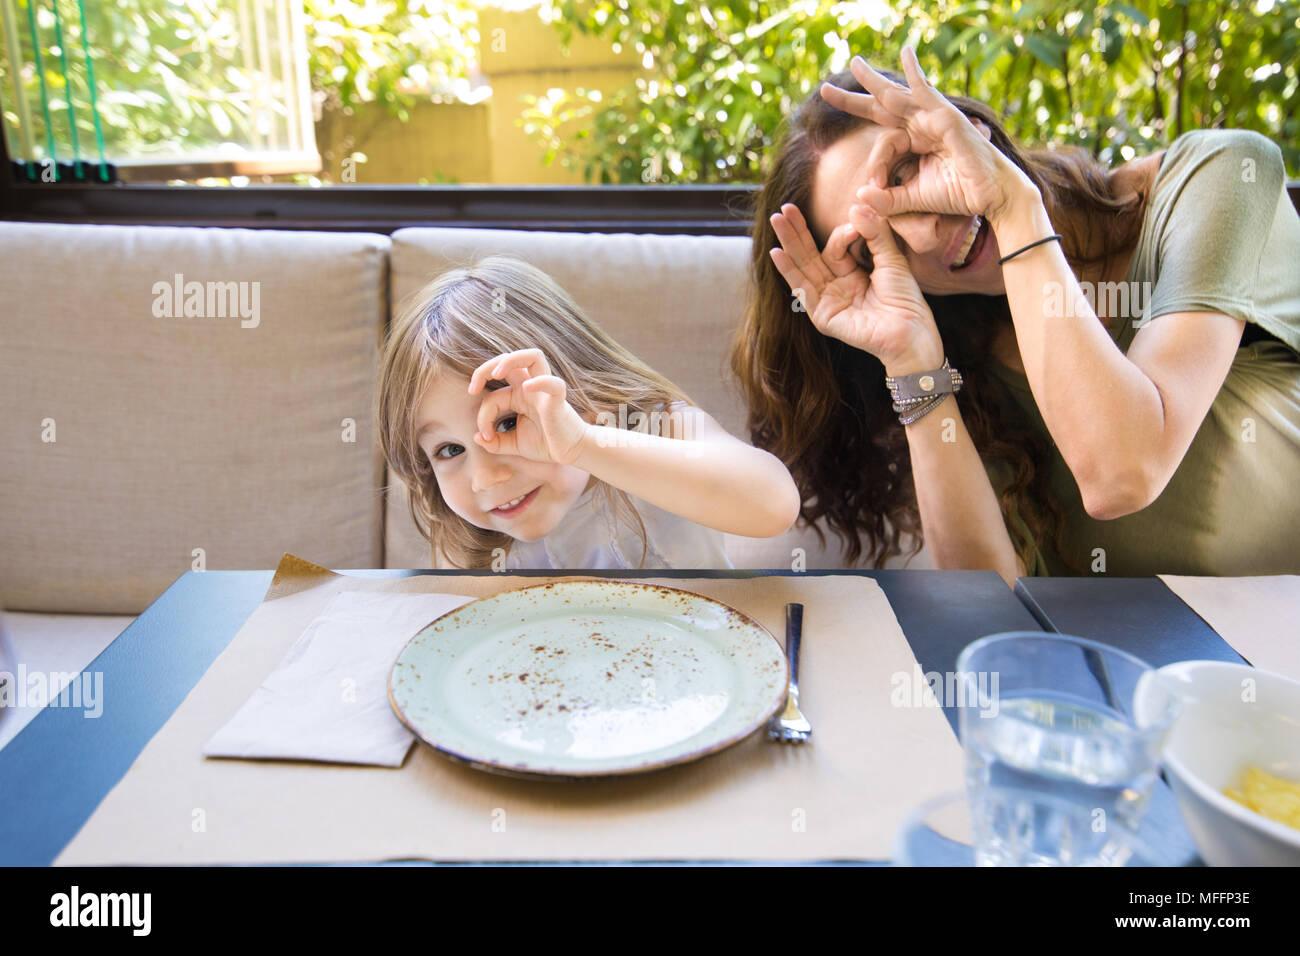 Famiglia divertenti espressione e gesto. Quattro anni di età felice bionda Ragazza donna madre teasing e smorfie con le dita negli occhi seduti nel ristorante Immagini Stock